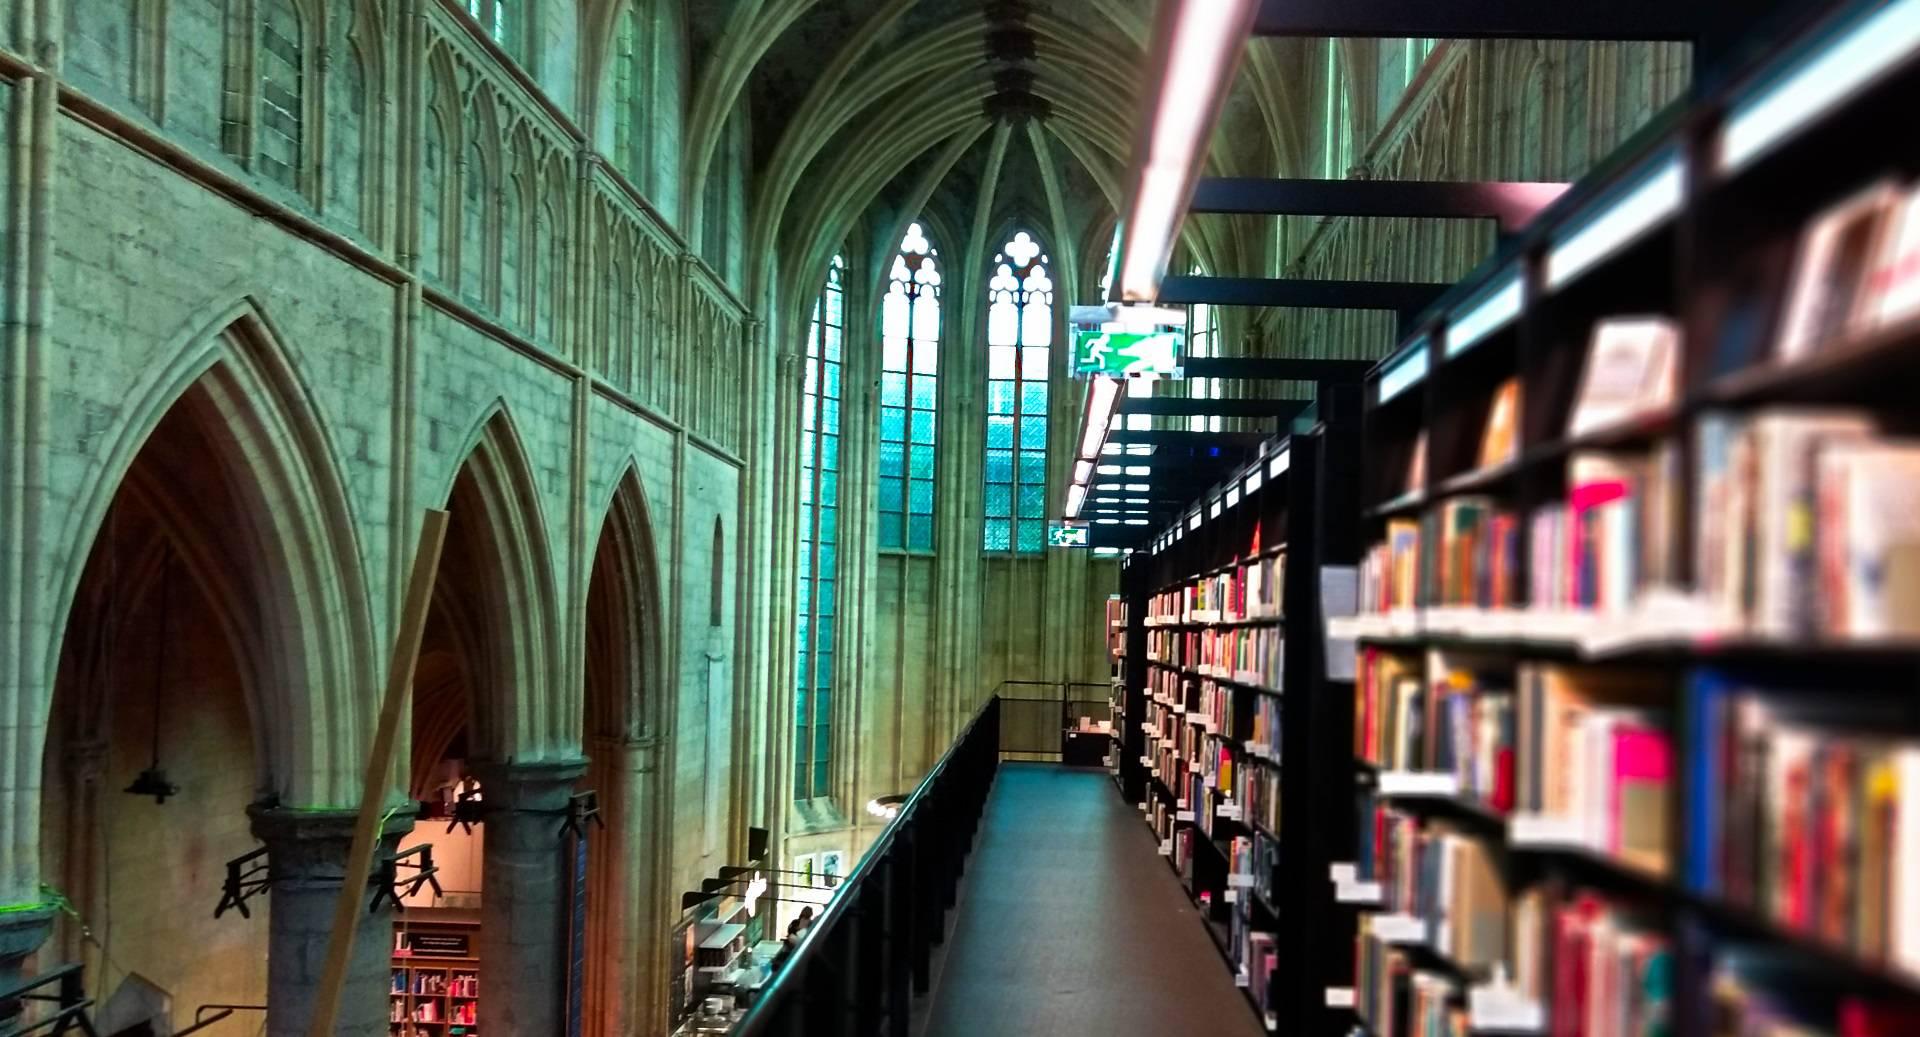 Kościół pełen książek | Najpiękniejsza księgarnia na świecie jest w Maastricht